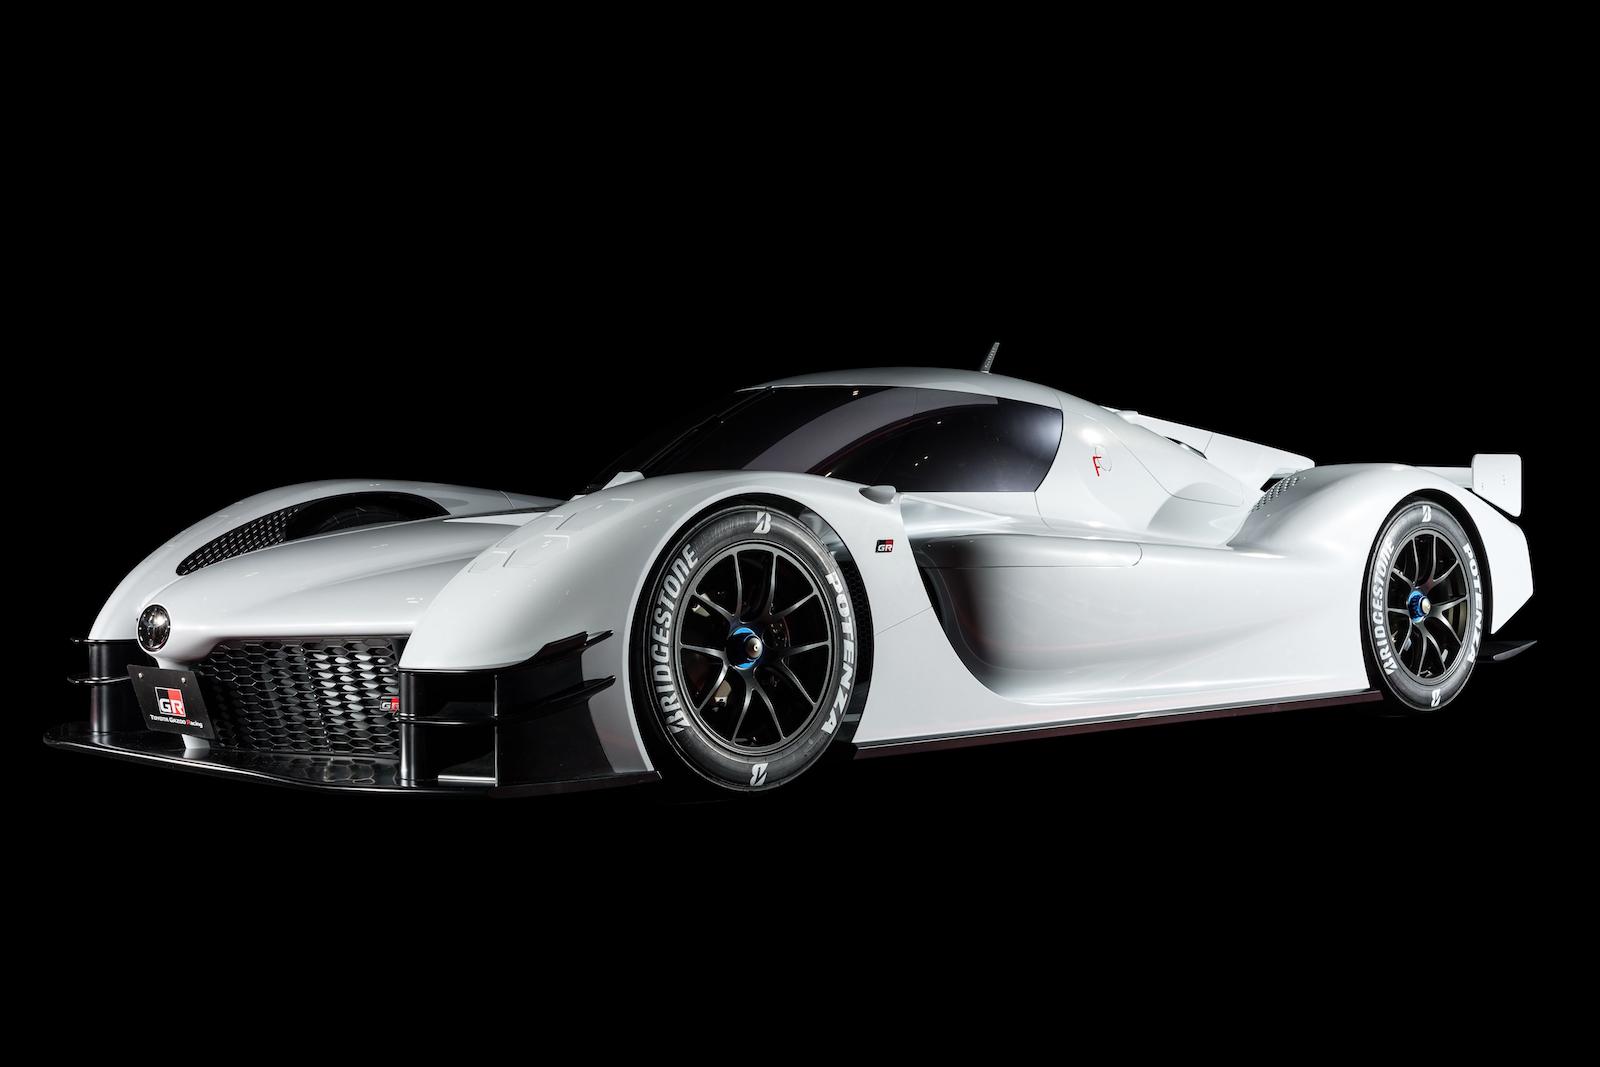 Toyota Gr Super Sport Concept Hints At Future Supercar